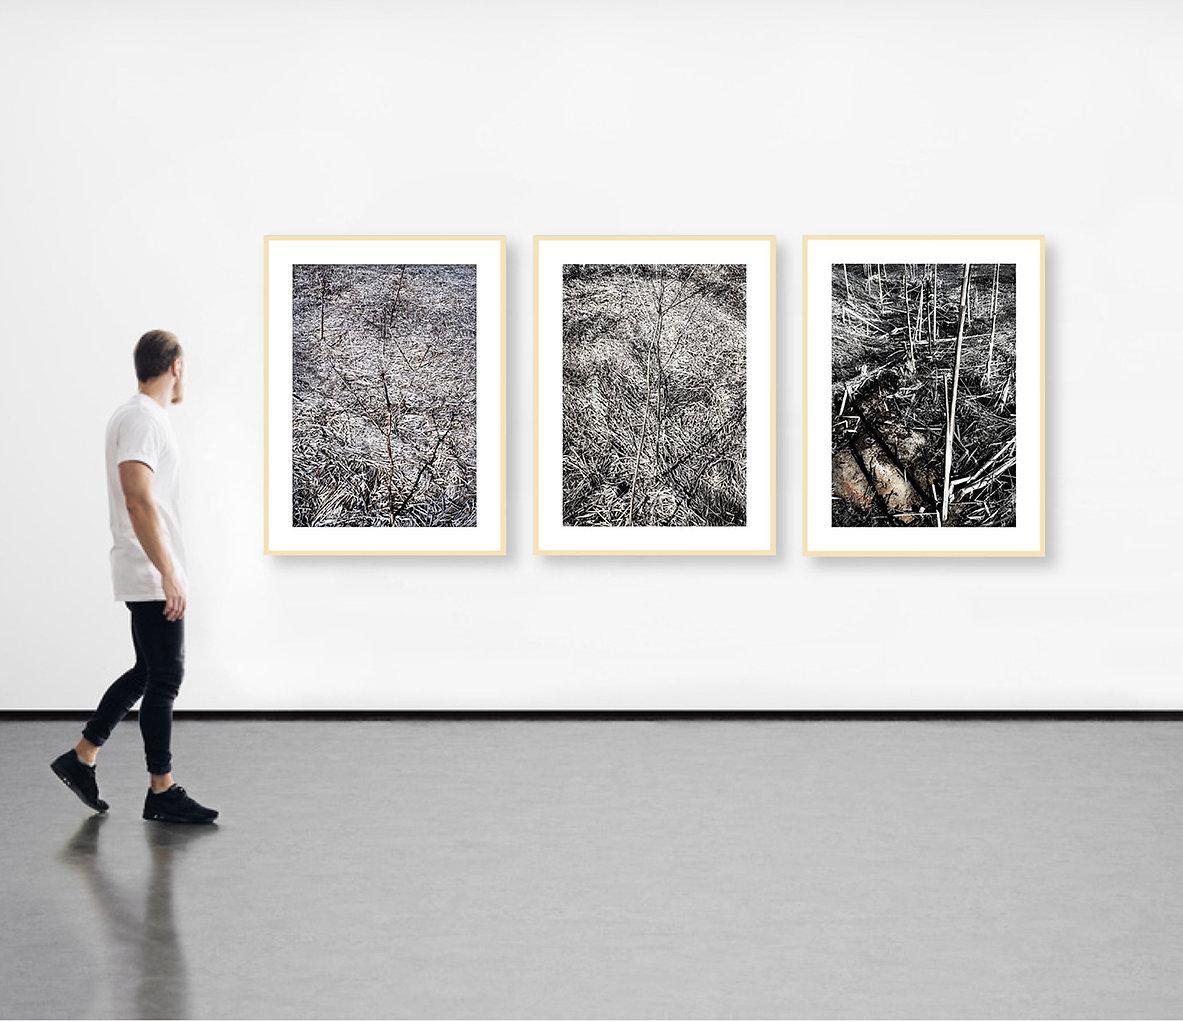 Galleriewand-web.jpg